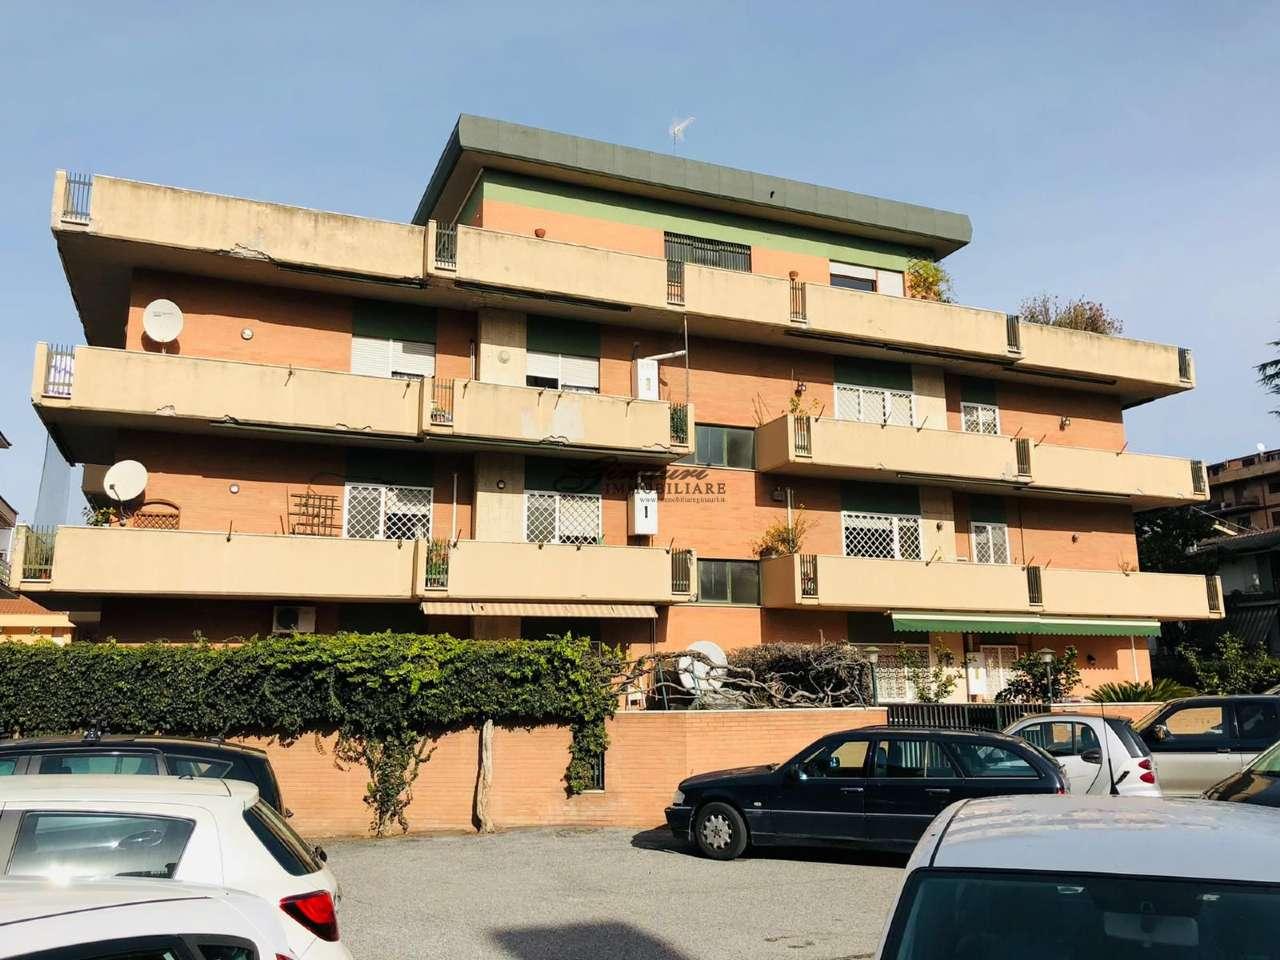 Appartamento in vendita a Fonte Nuova, 3 locali, prezzo € 139.000 | PortaleAgenzieImmobiliari.it